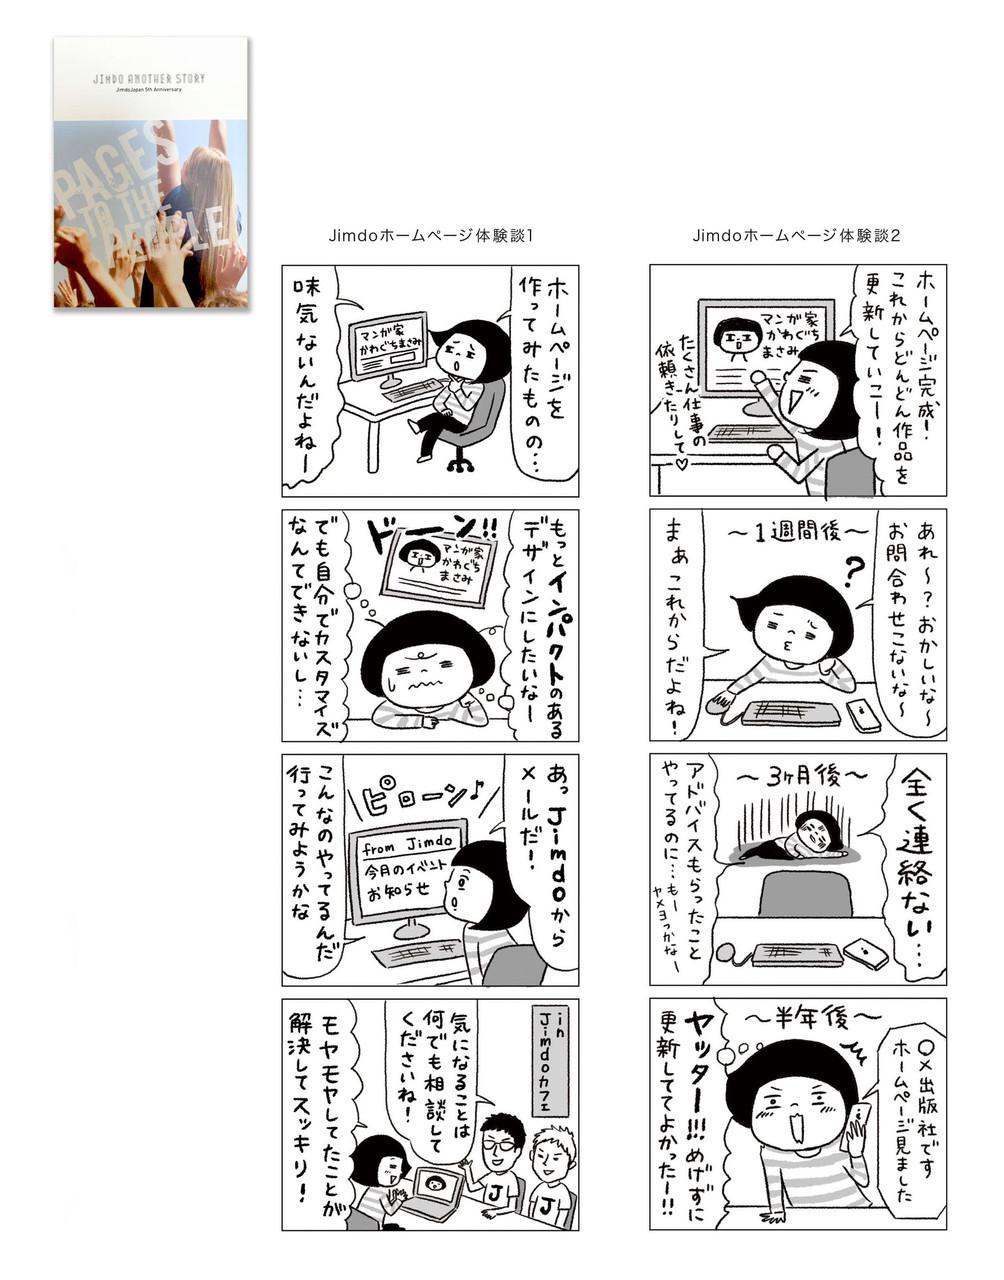 jimdoホームページ5周年記念冊子 KDDI(2014)